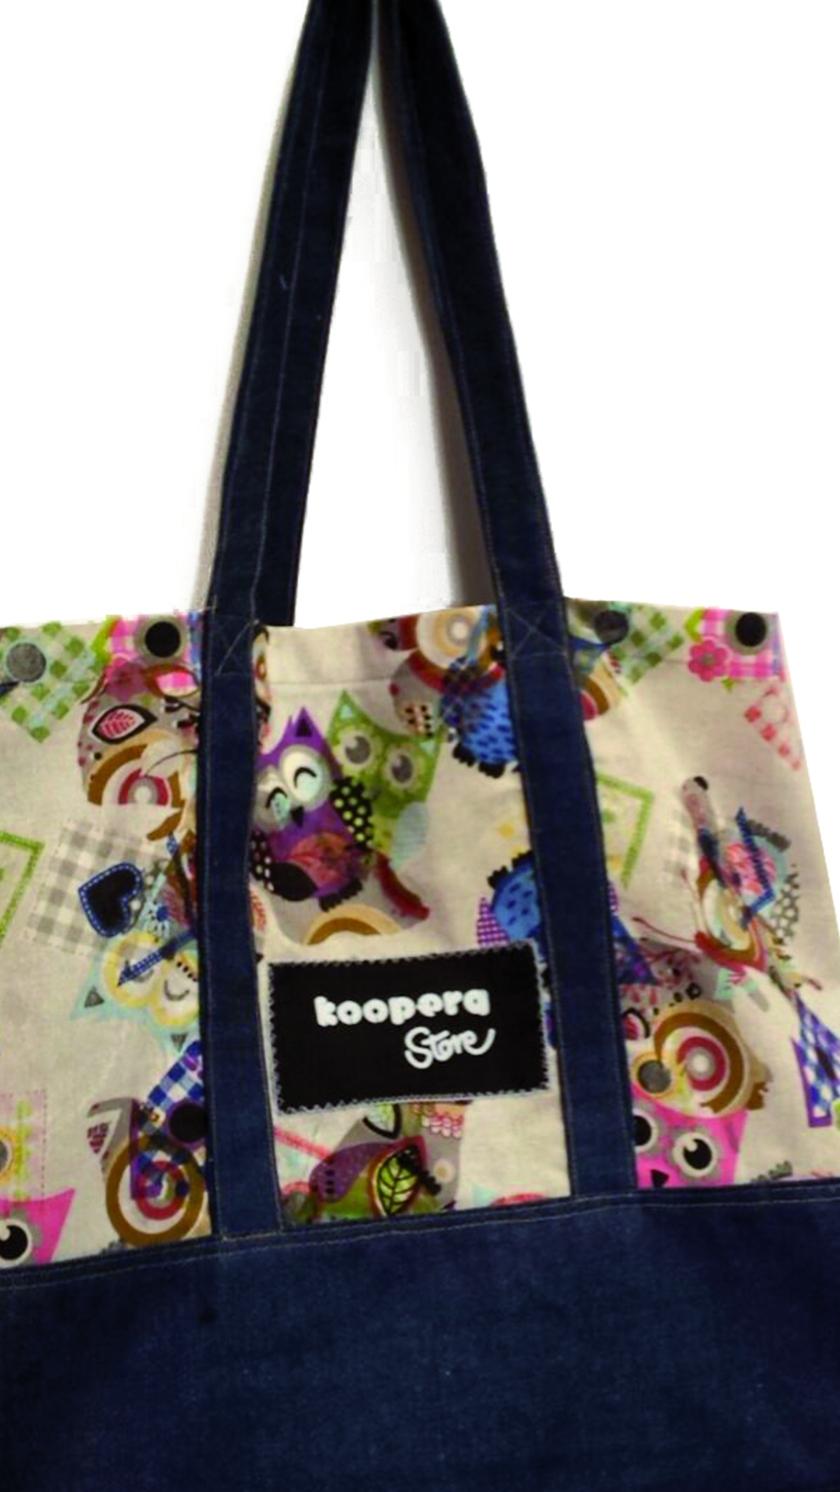 Bolso Koopera Upcycling 6